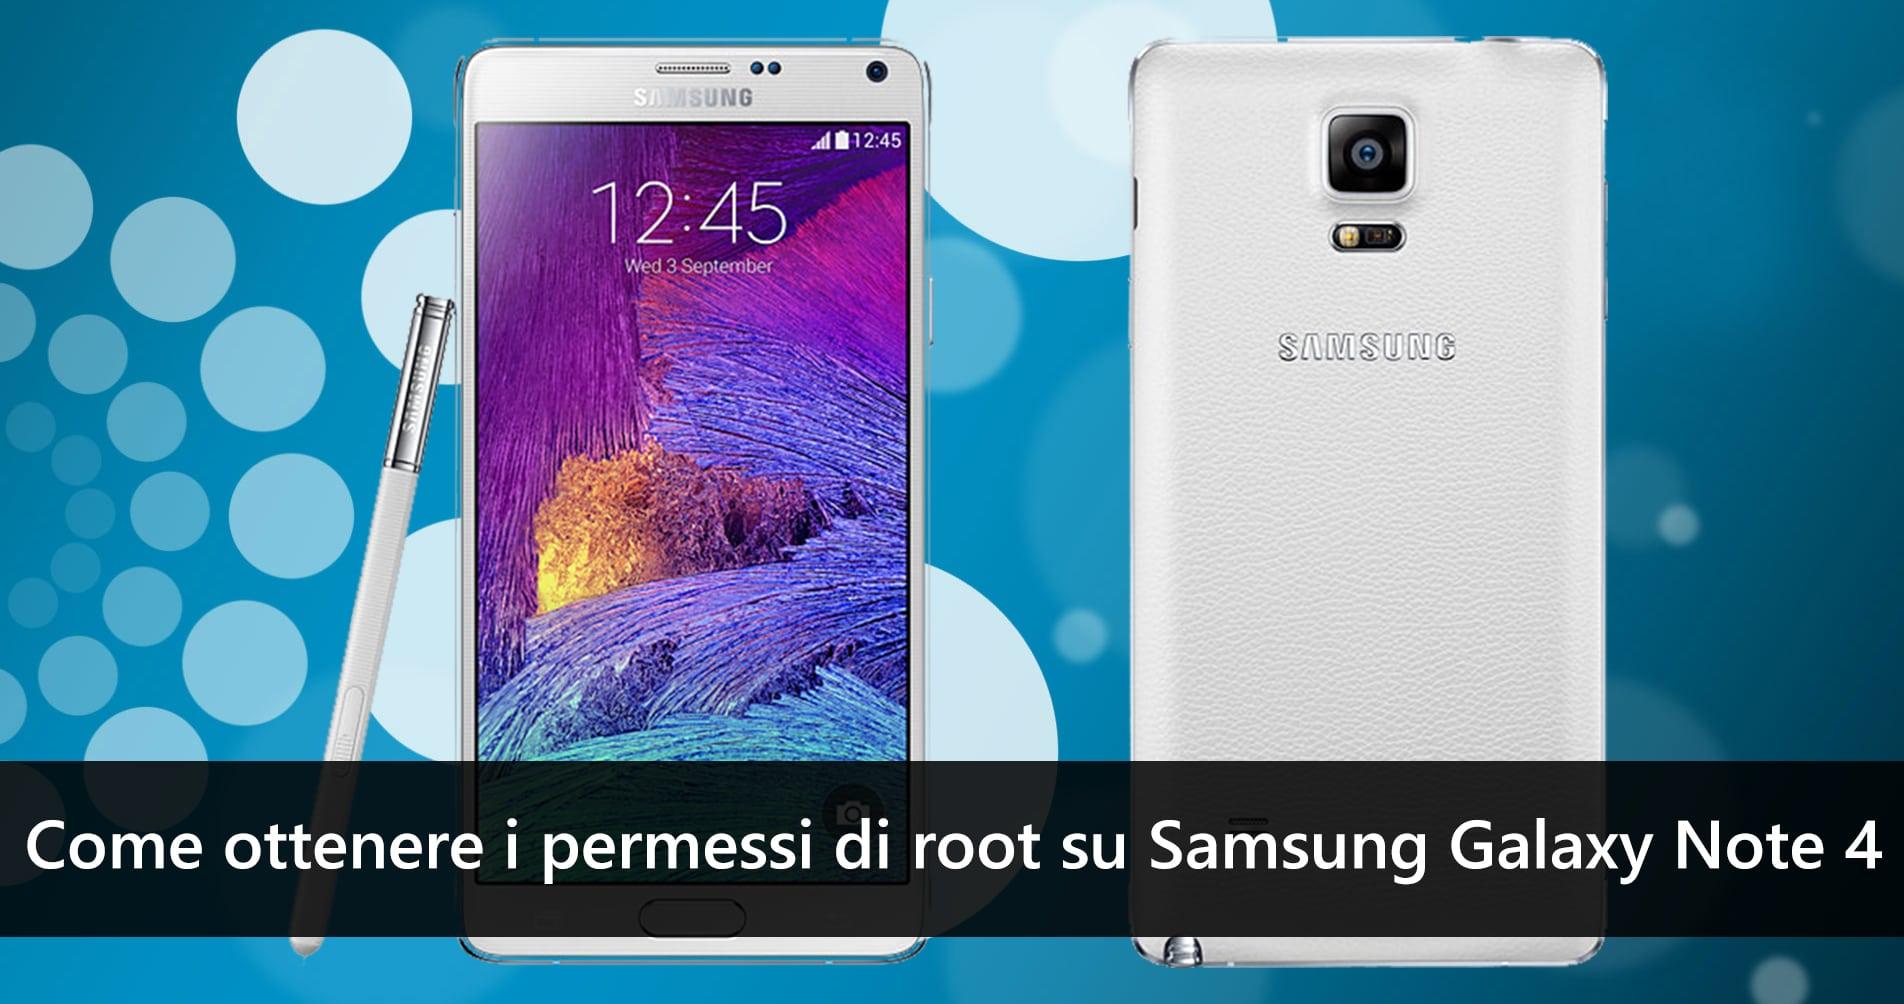 Come ottenere i permessi di root su Samsung Galaxy Note 4 - WizBlog